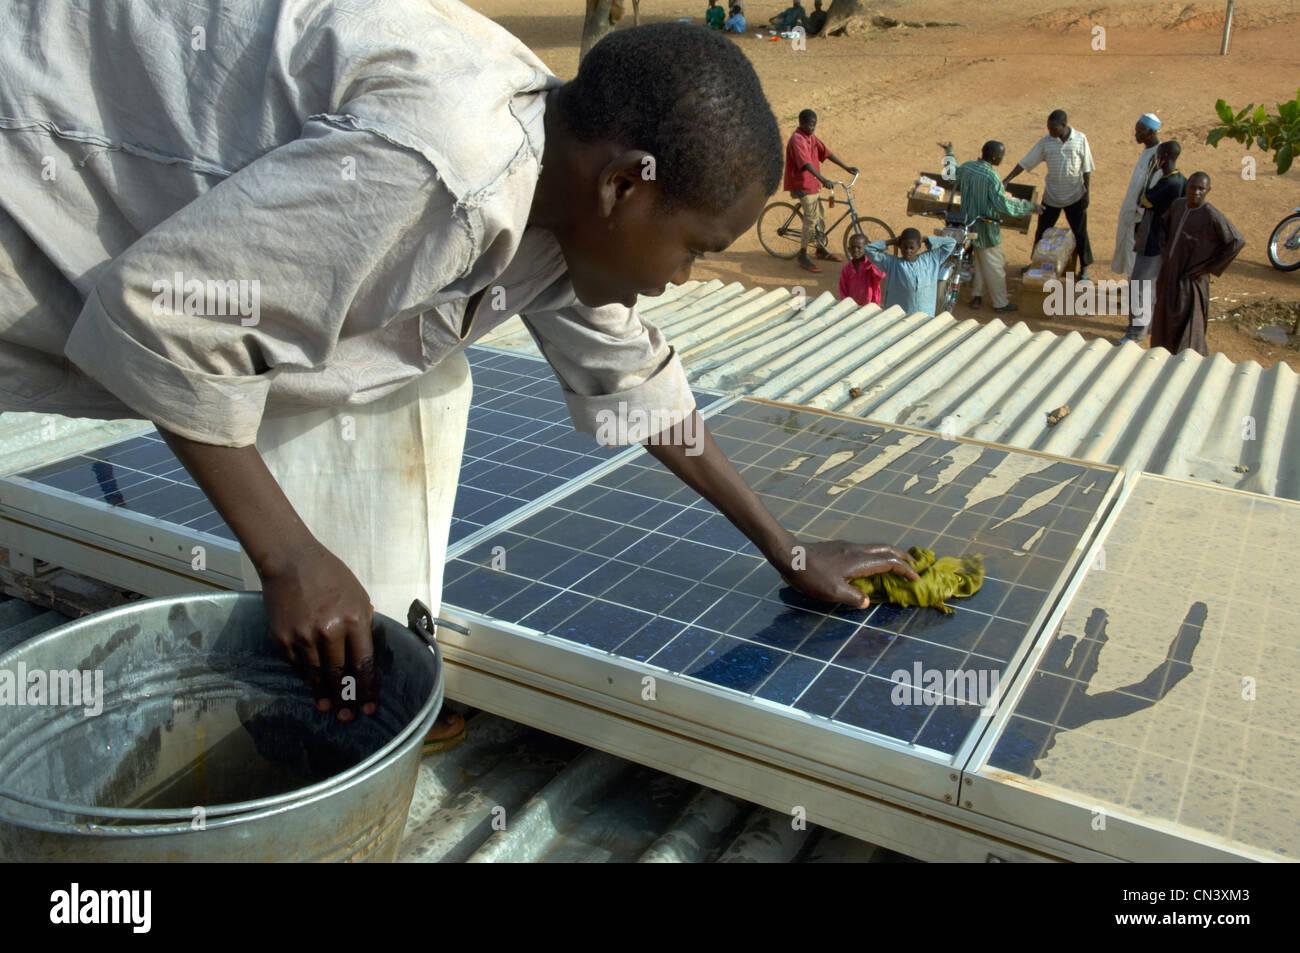 Ragazzo giovane Pulisce polvere di pannelli solari in Africa Immagini Stock